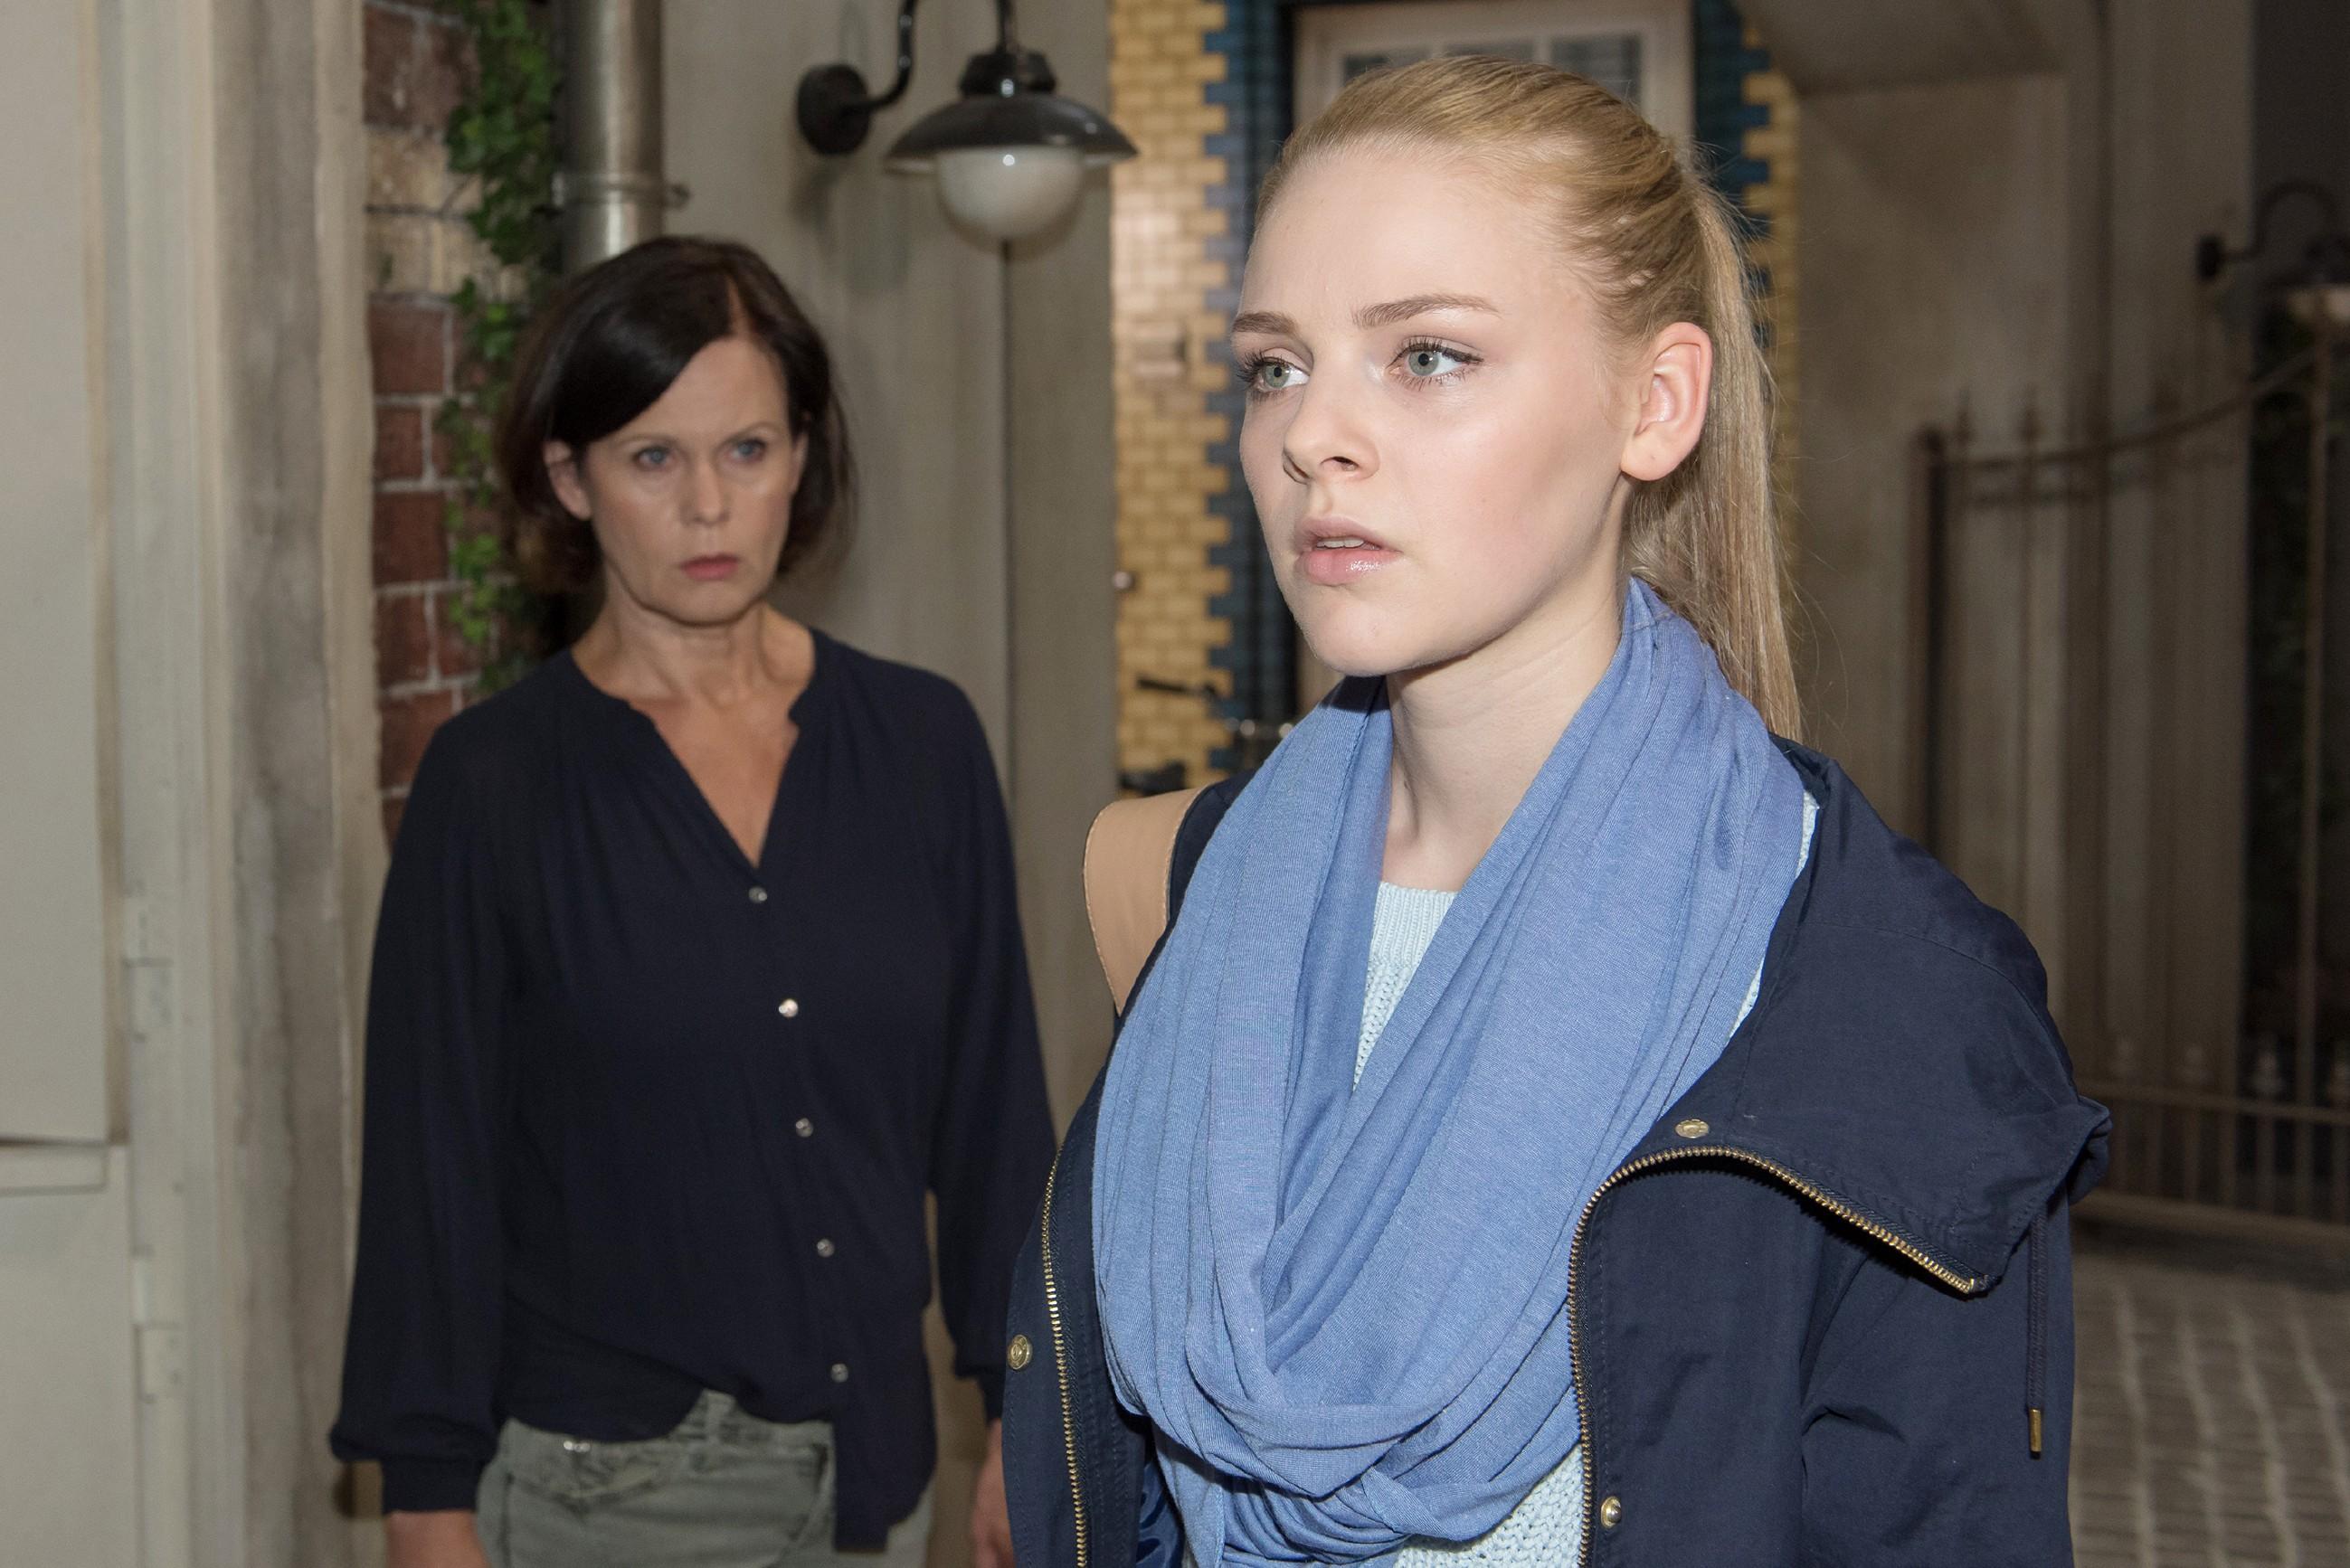 Fiona (Olivia Burkhart, r.) ist vom Ausmaß des Hasses gegenüber ihrem Vater schockiert und kündigt ihre Ausbildung bei Irene (Petra Blossey). (Quelle: RTL / Stefan Behrens)